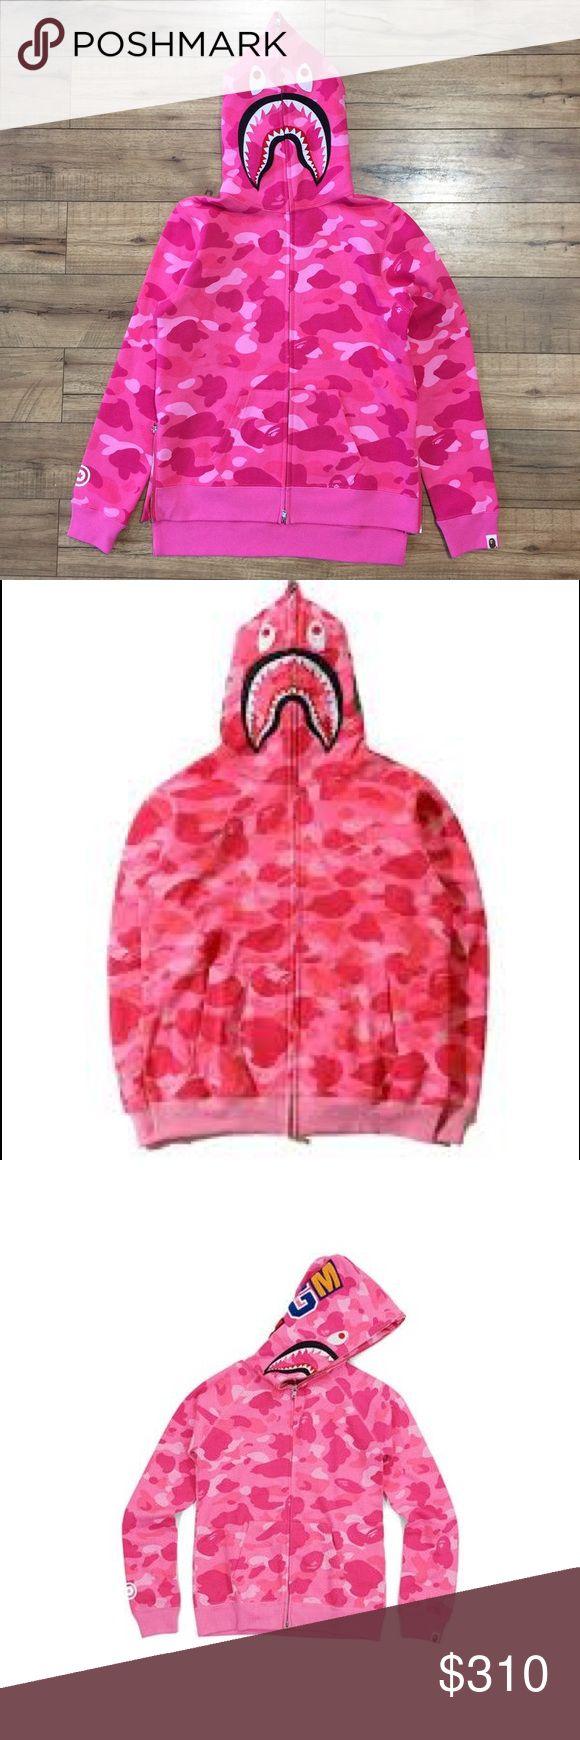 Bape Hoodie (pink) Pink bape hoodie, full zip up. Fast shipping Bape Jackets & Coats Lightweight & Shirt Jackets